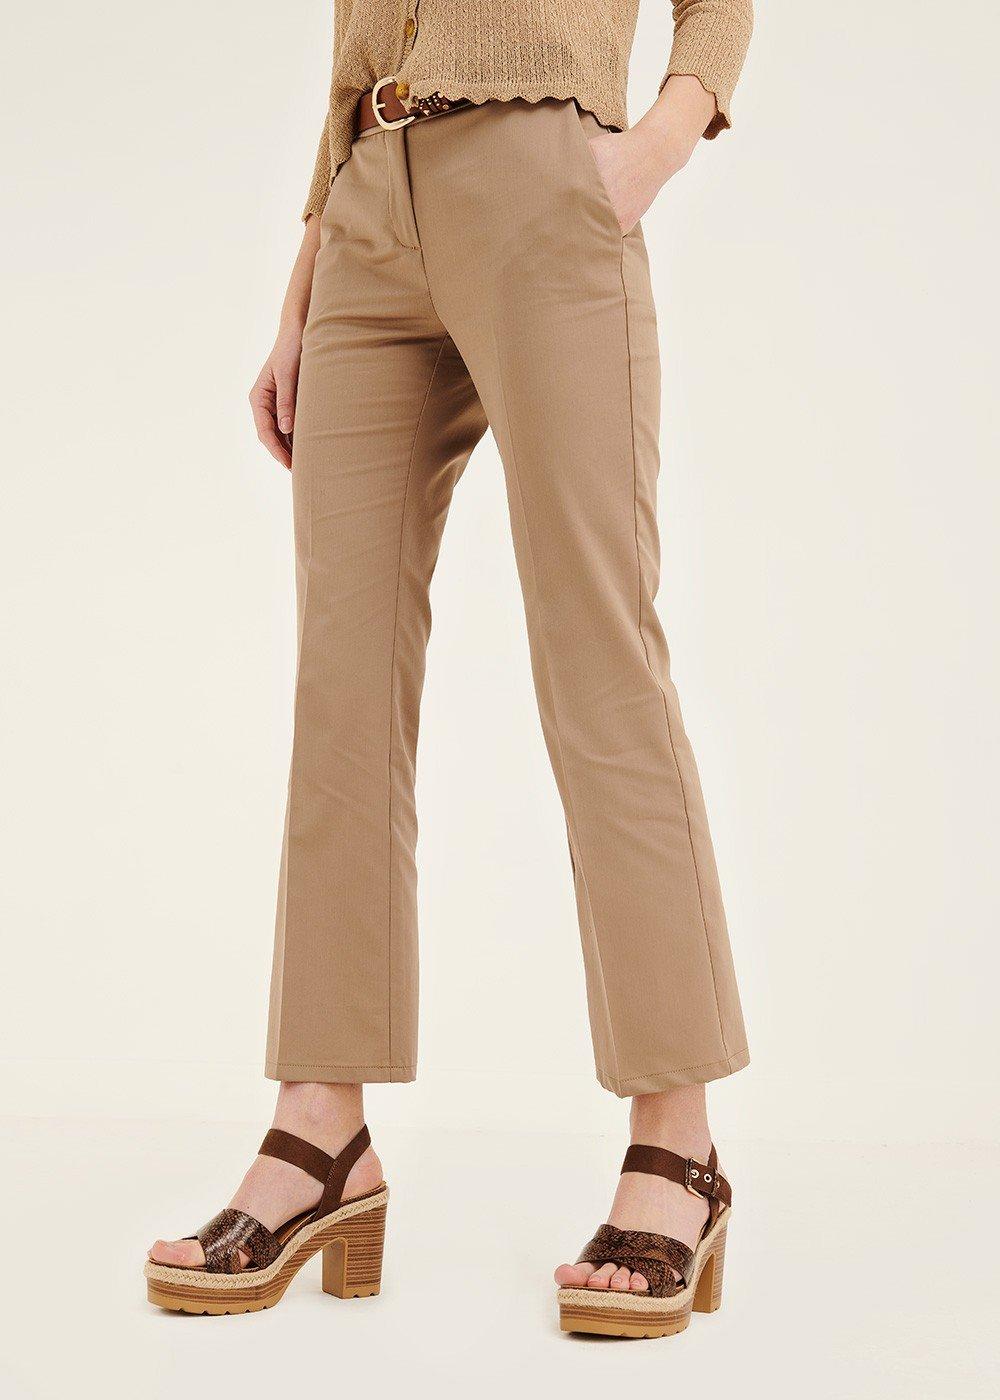 Jacquelin cotton trousers - Desert - Woman